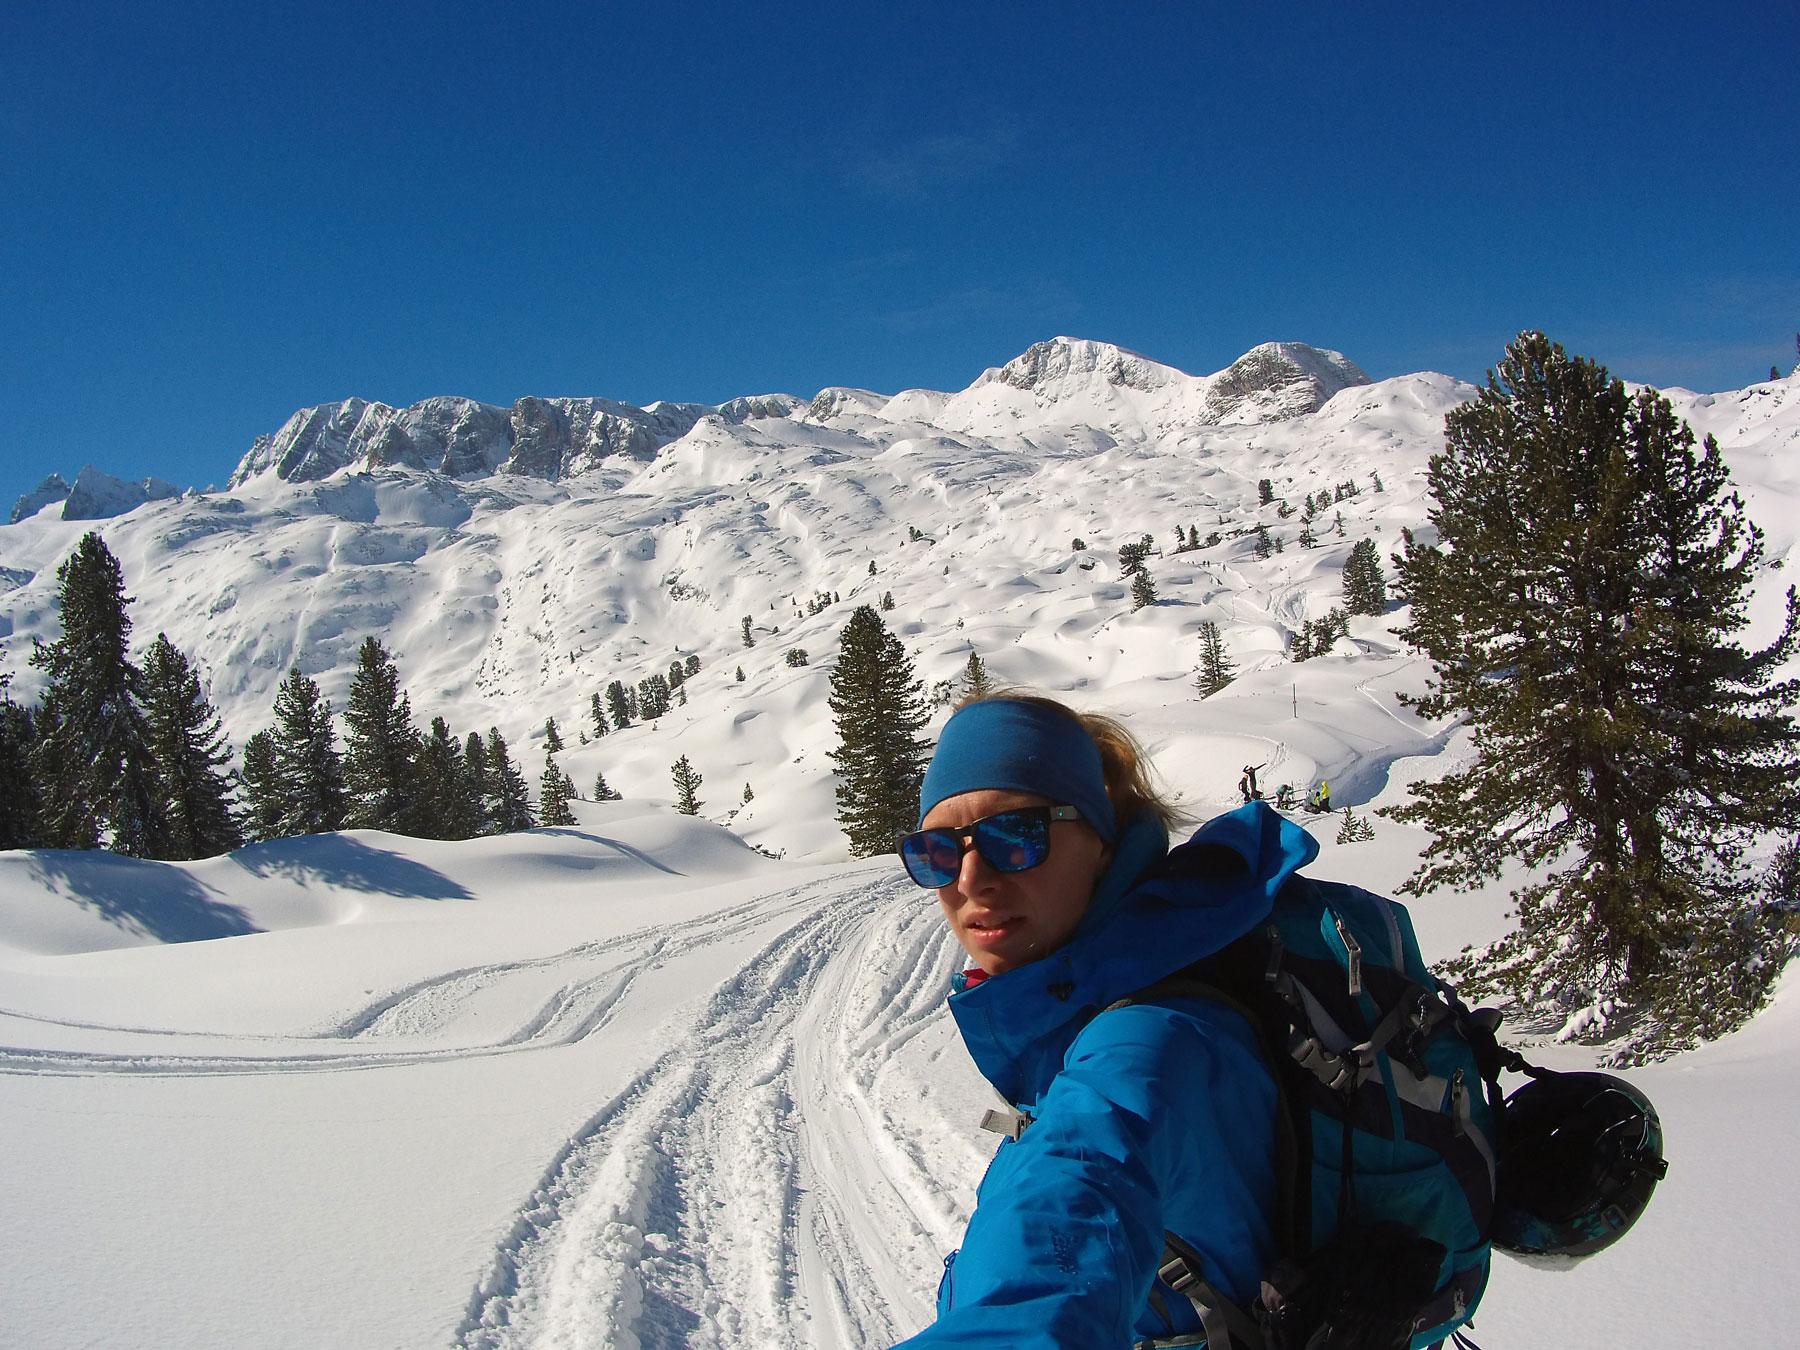 katharina-steglegger-munichmountaingirls-bergblog-muenchen-dachstein-schnee-snowboarden-splittour